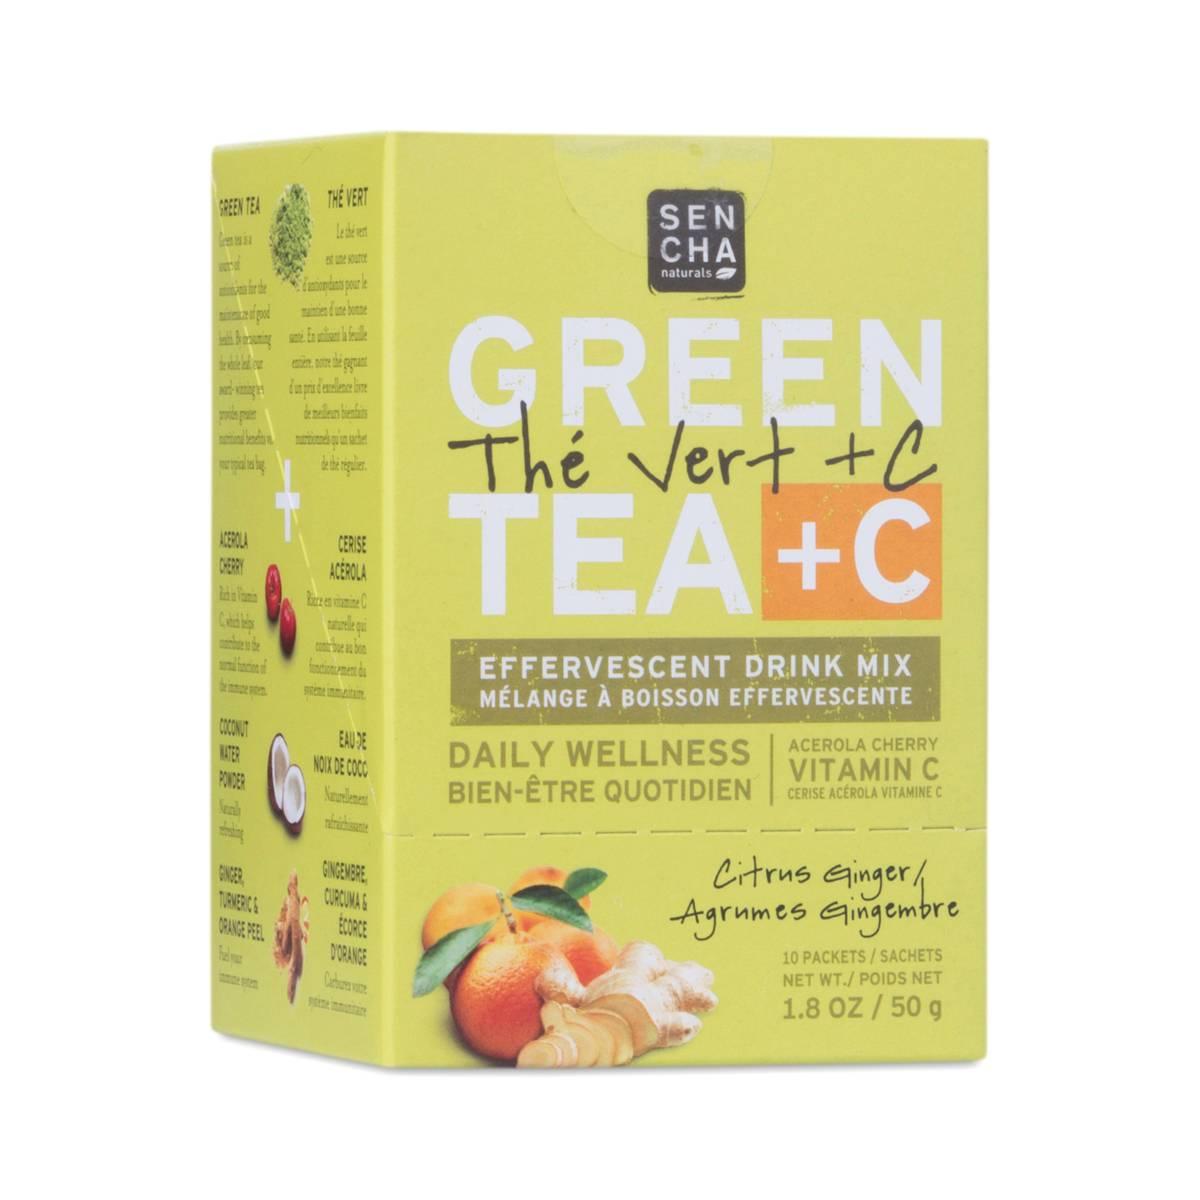 Citrus Ginger Green Tea + C Drink Mix by Sencha Naturals ...